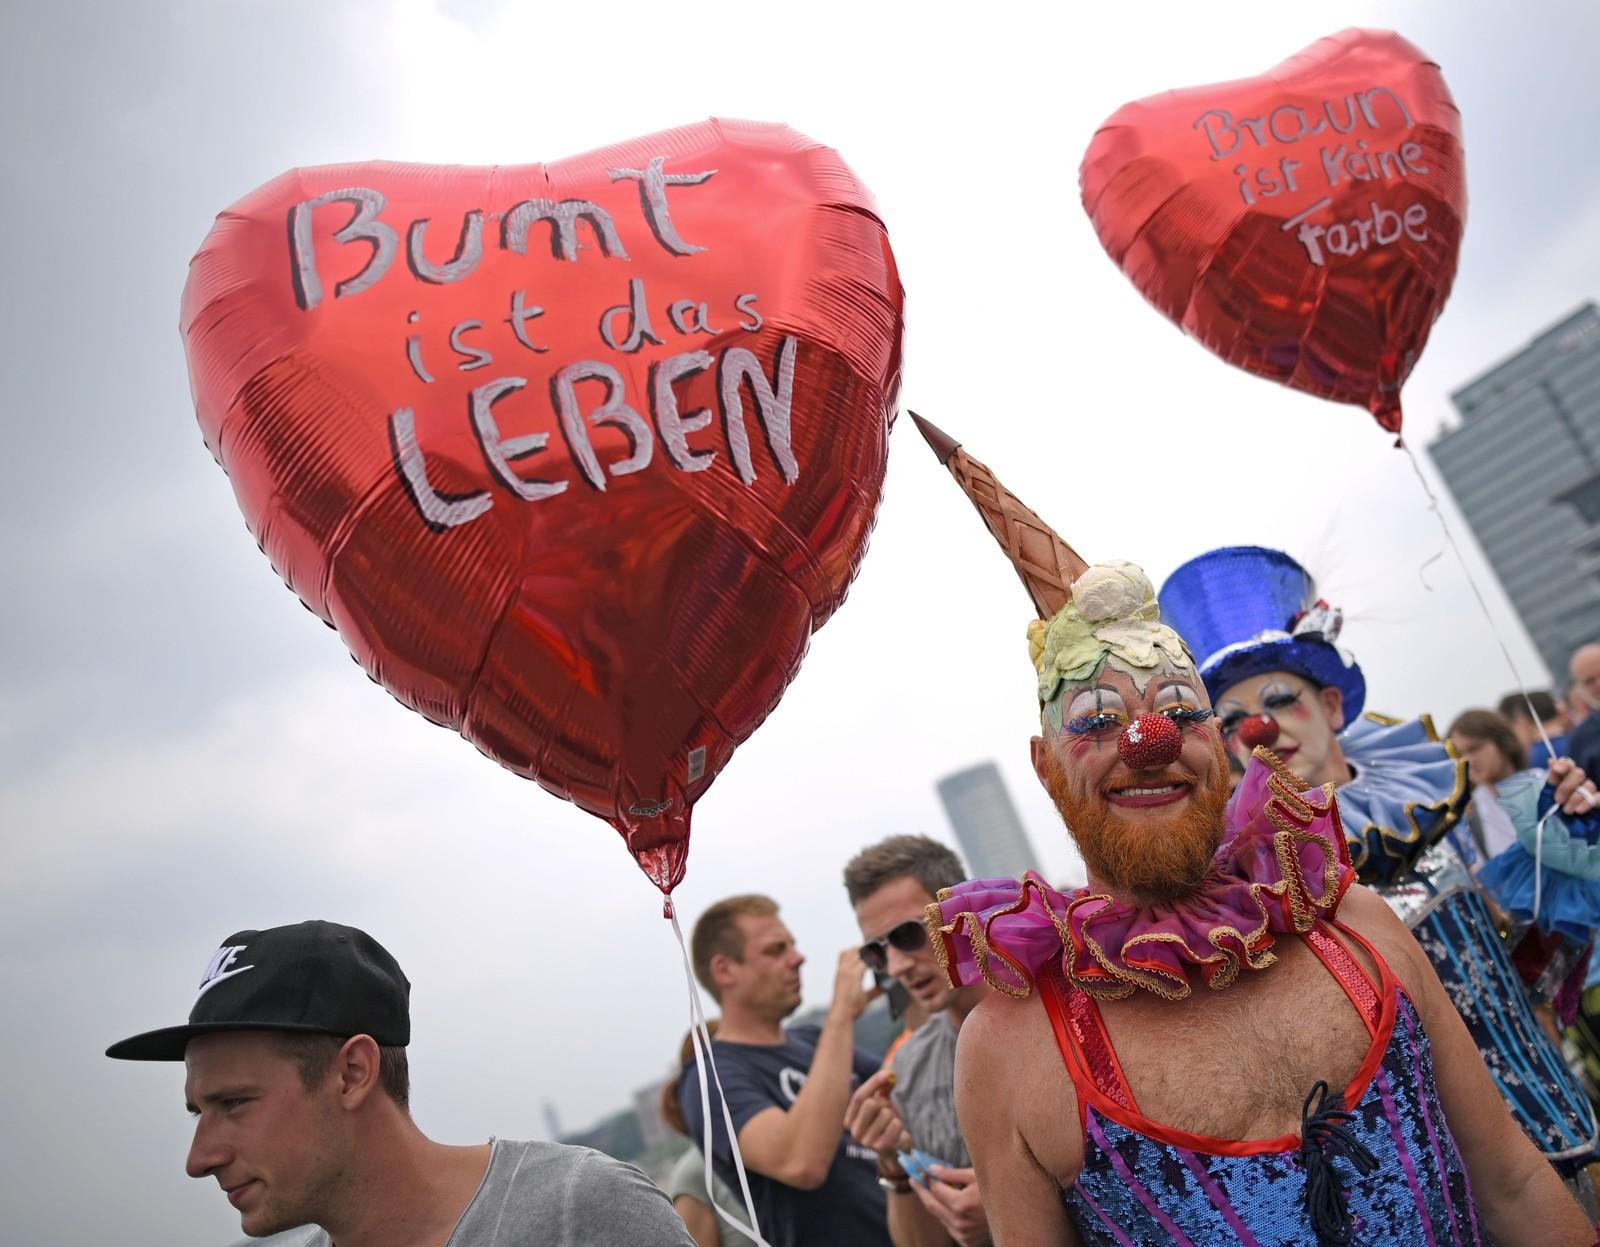 Milhares de pessoas comemoram casamento igualitário na Parada LGBT da Alemanha